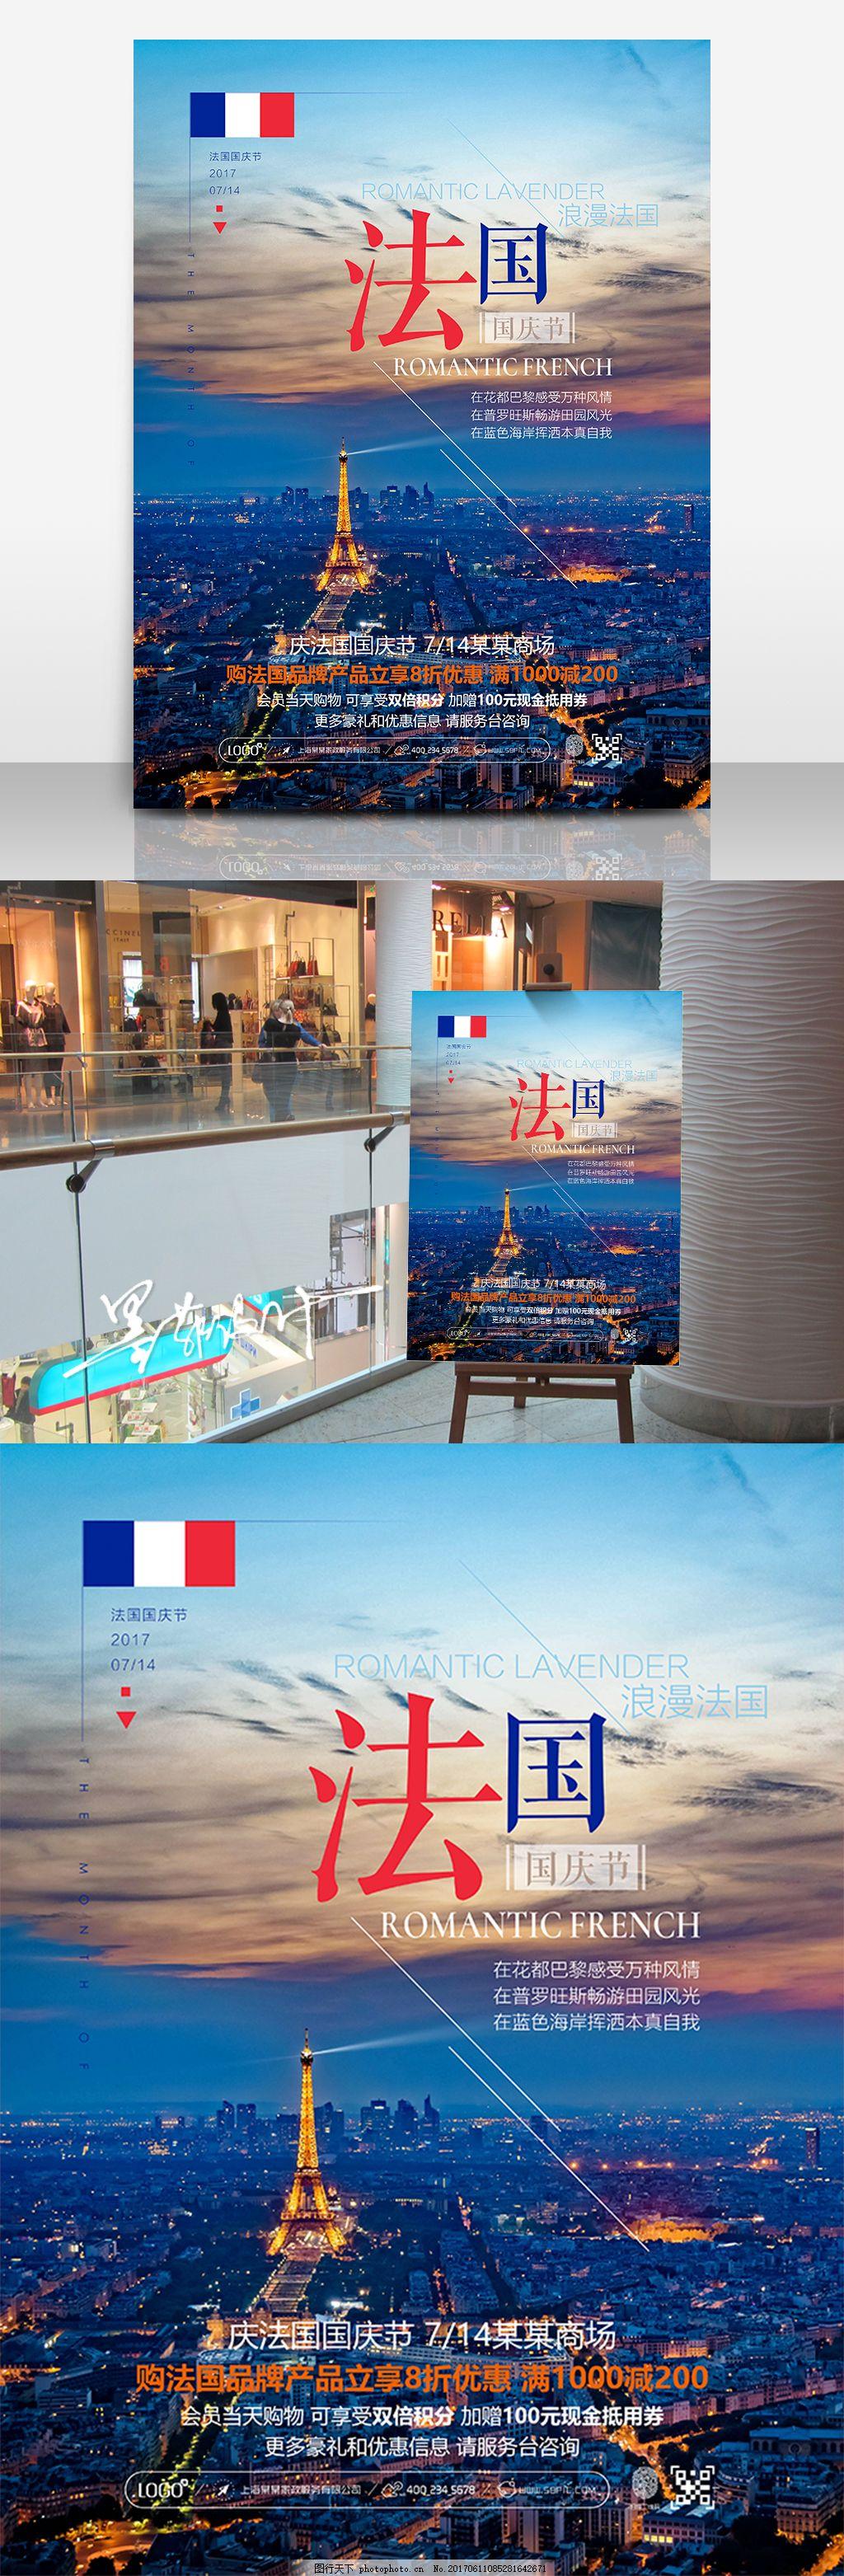 庆祝法国国庆节活动促销海报设计 简约 热烈 埃菲尔铁塔 巴黎 法国国庆日